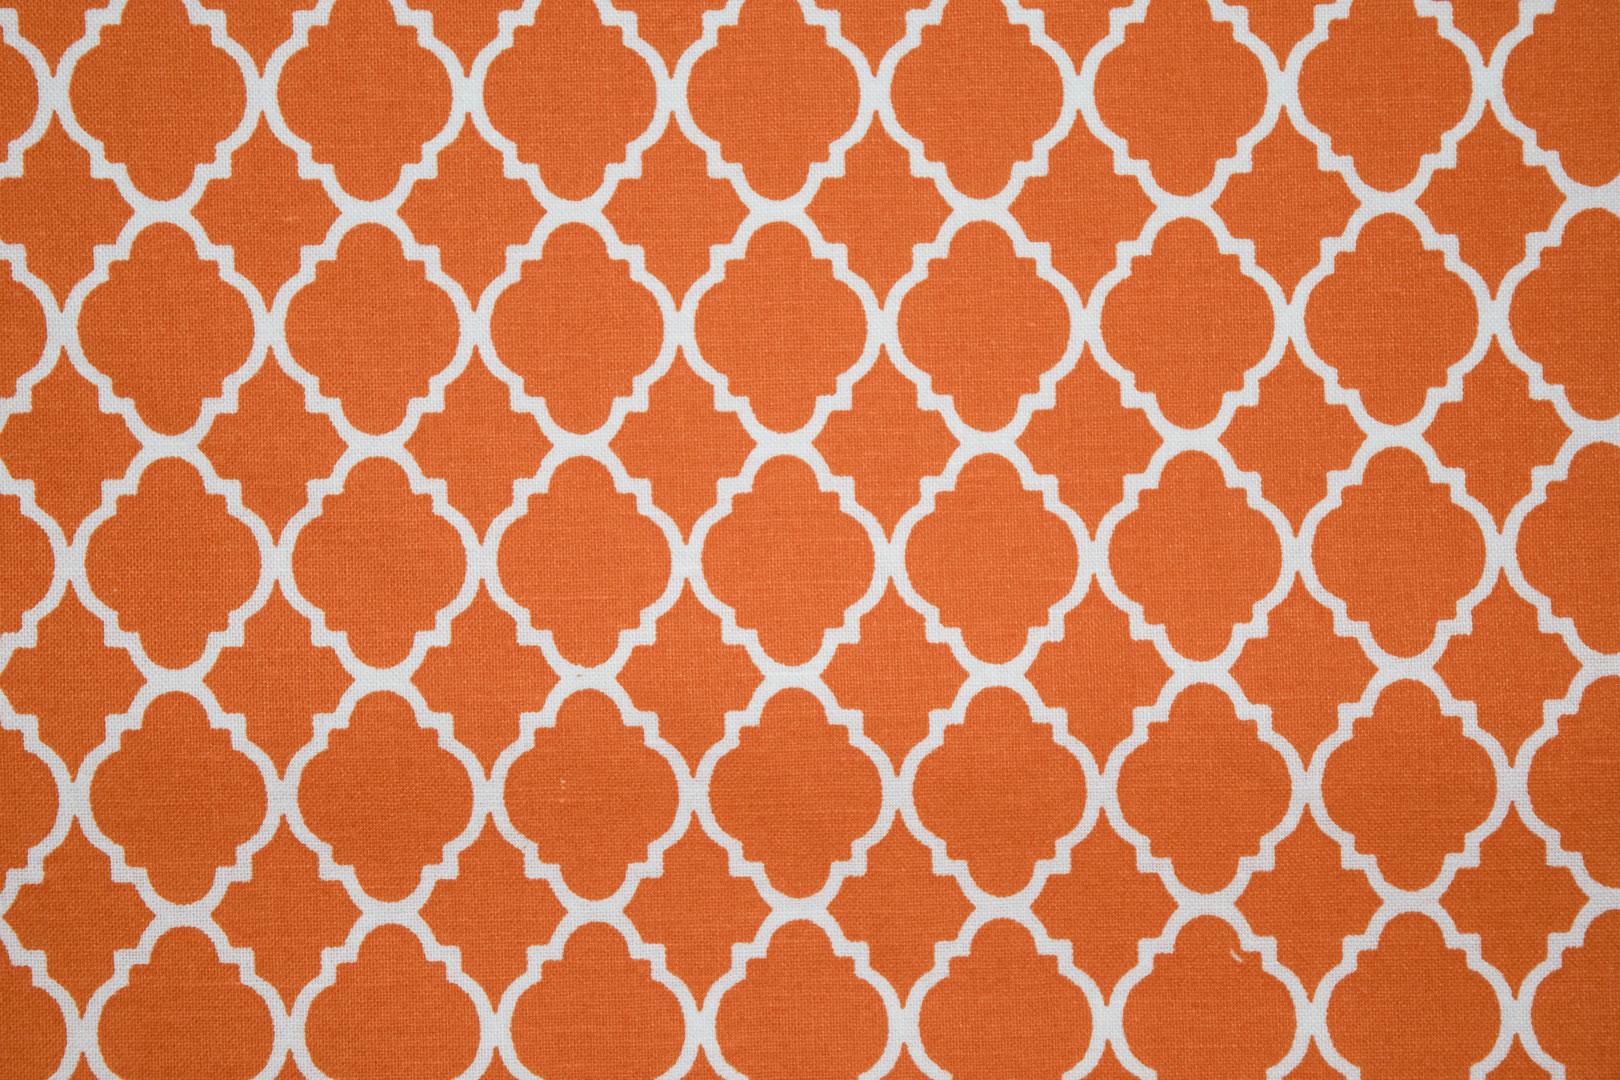 200_48973_orange